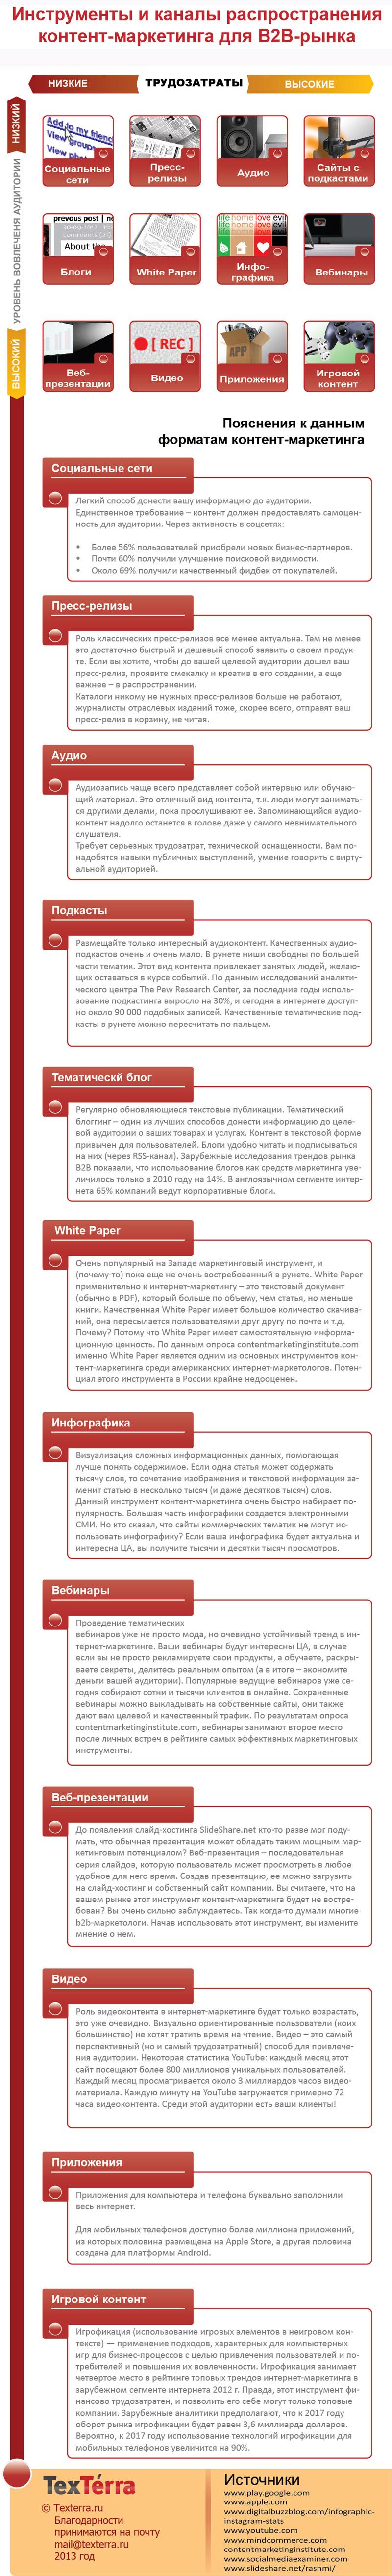 Инструменты и каналы распространения контент-маркетинга для B2B-рынка (Инфографика)